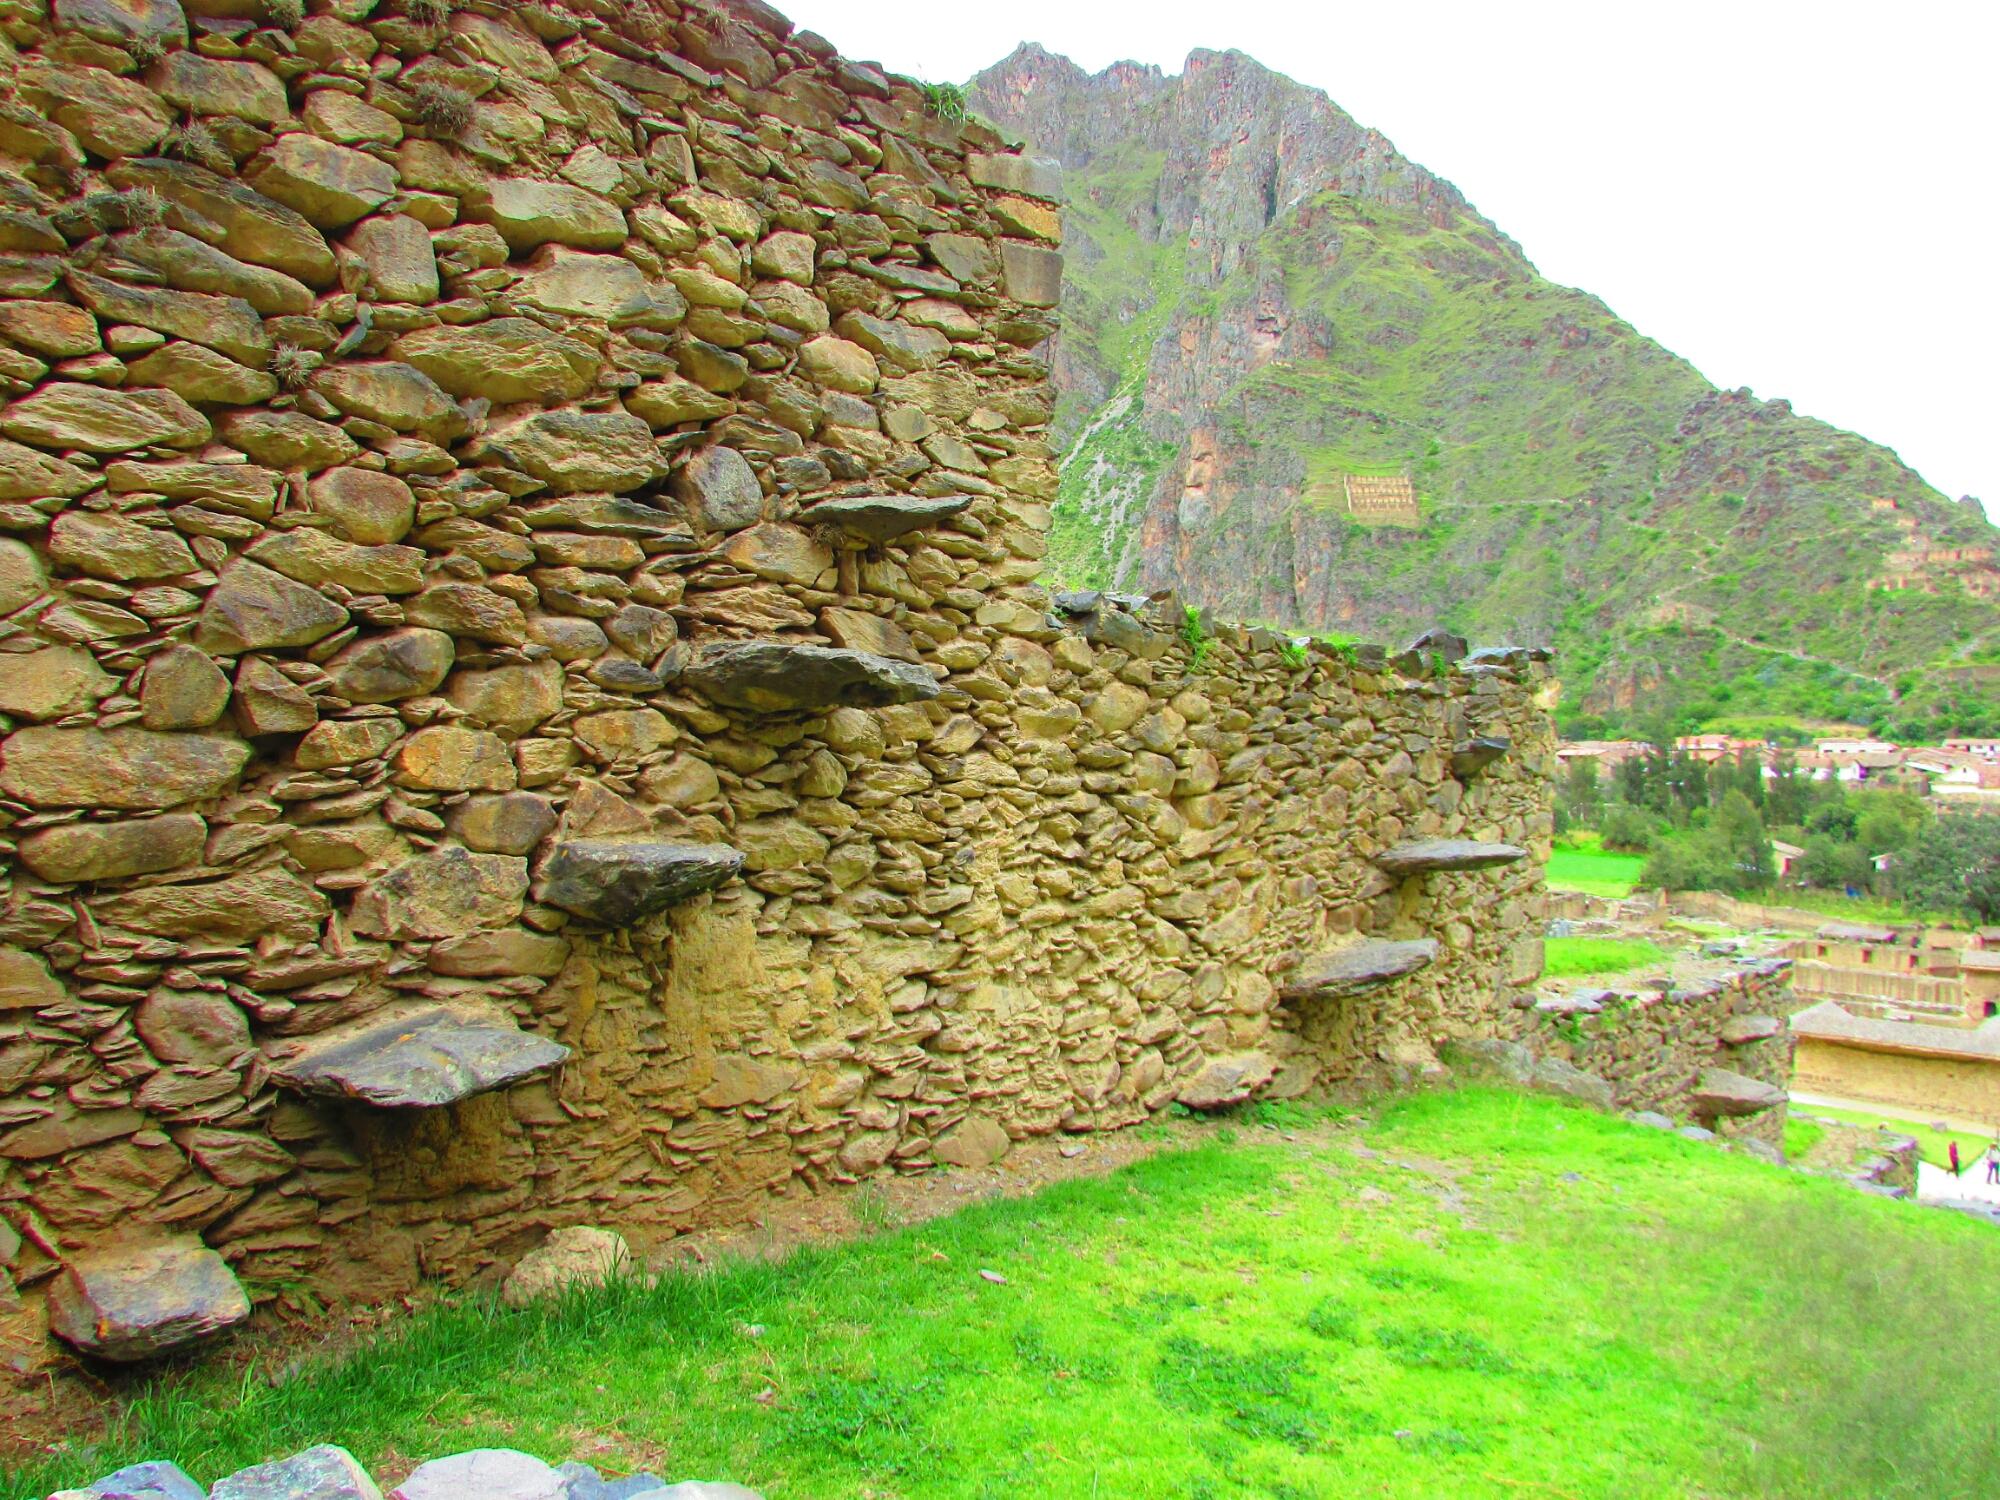 escaleras incas en contrucción vertical en ruinas incas de Ollataytambo en el Valle Sagrado cerca de Cuzco